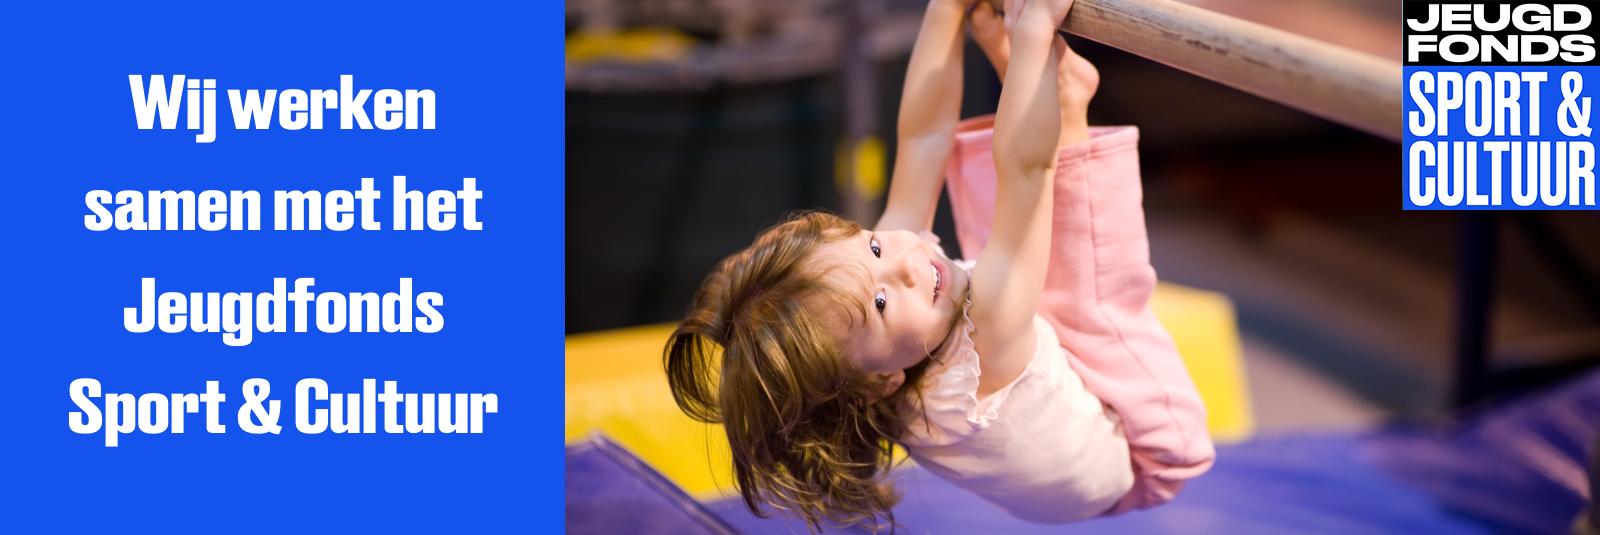 jeugdfonds sport & cultuur Eindhoven